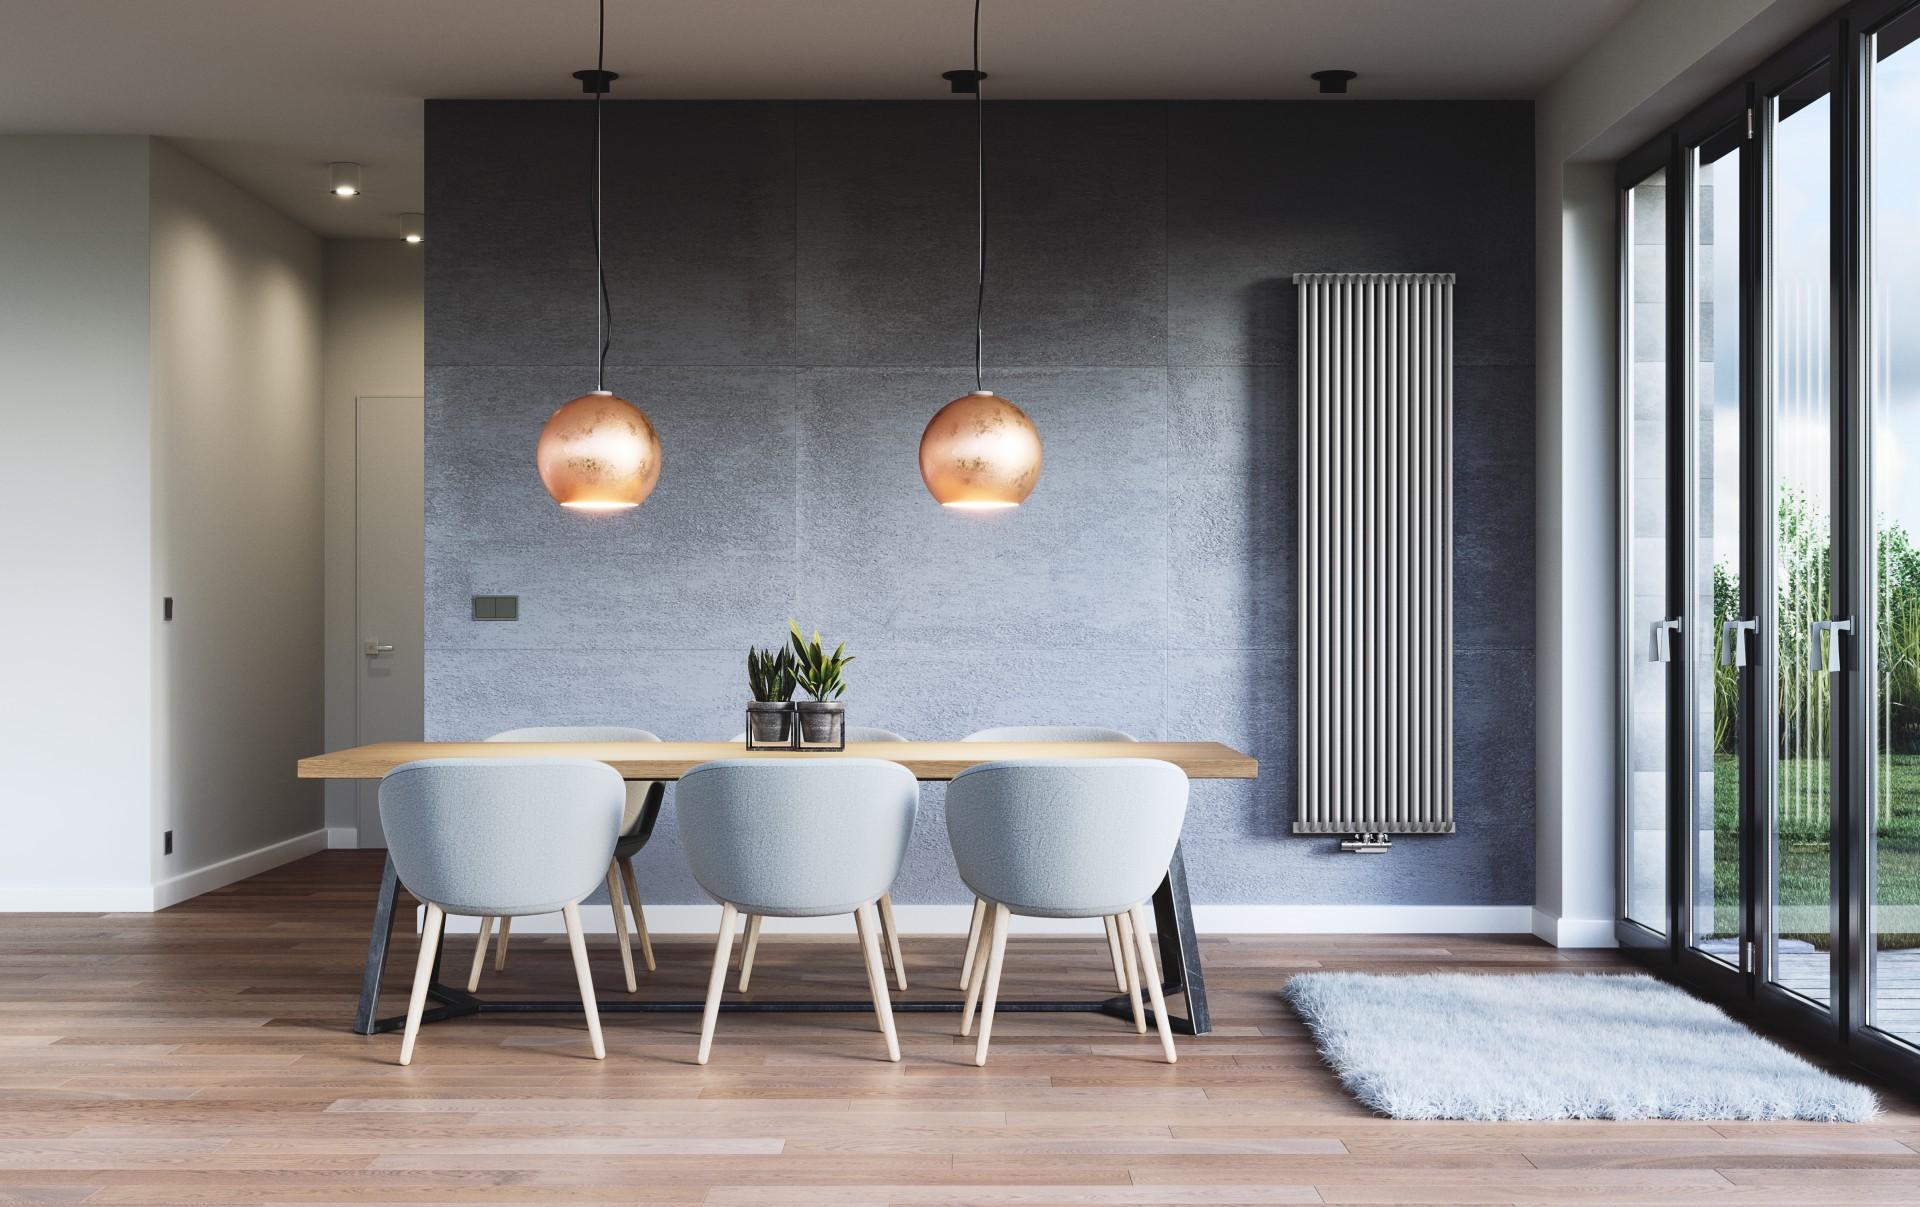 Design Röhrenheizkörper, Wohnraumheizkörper Terma Delfin vertikal